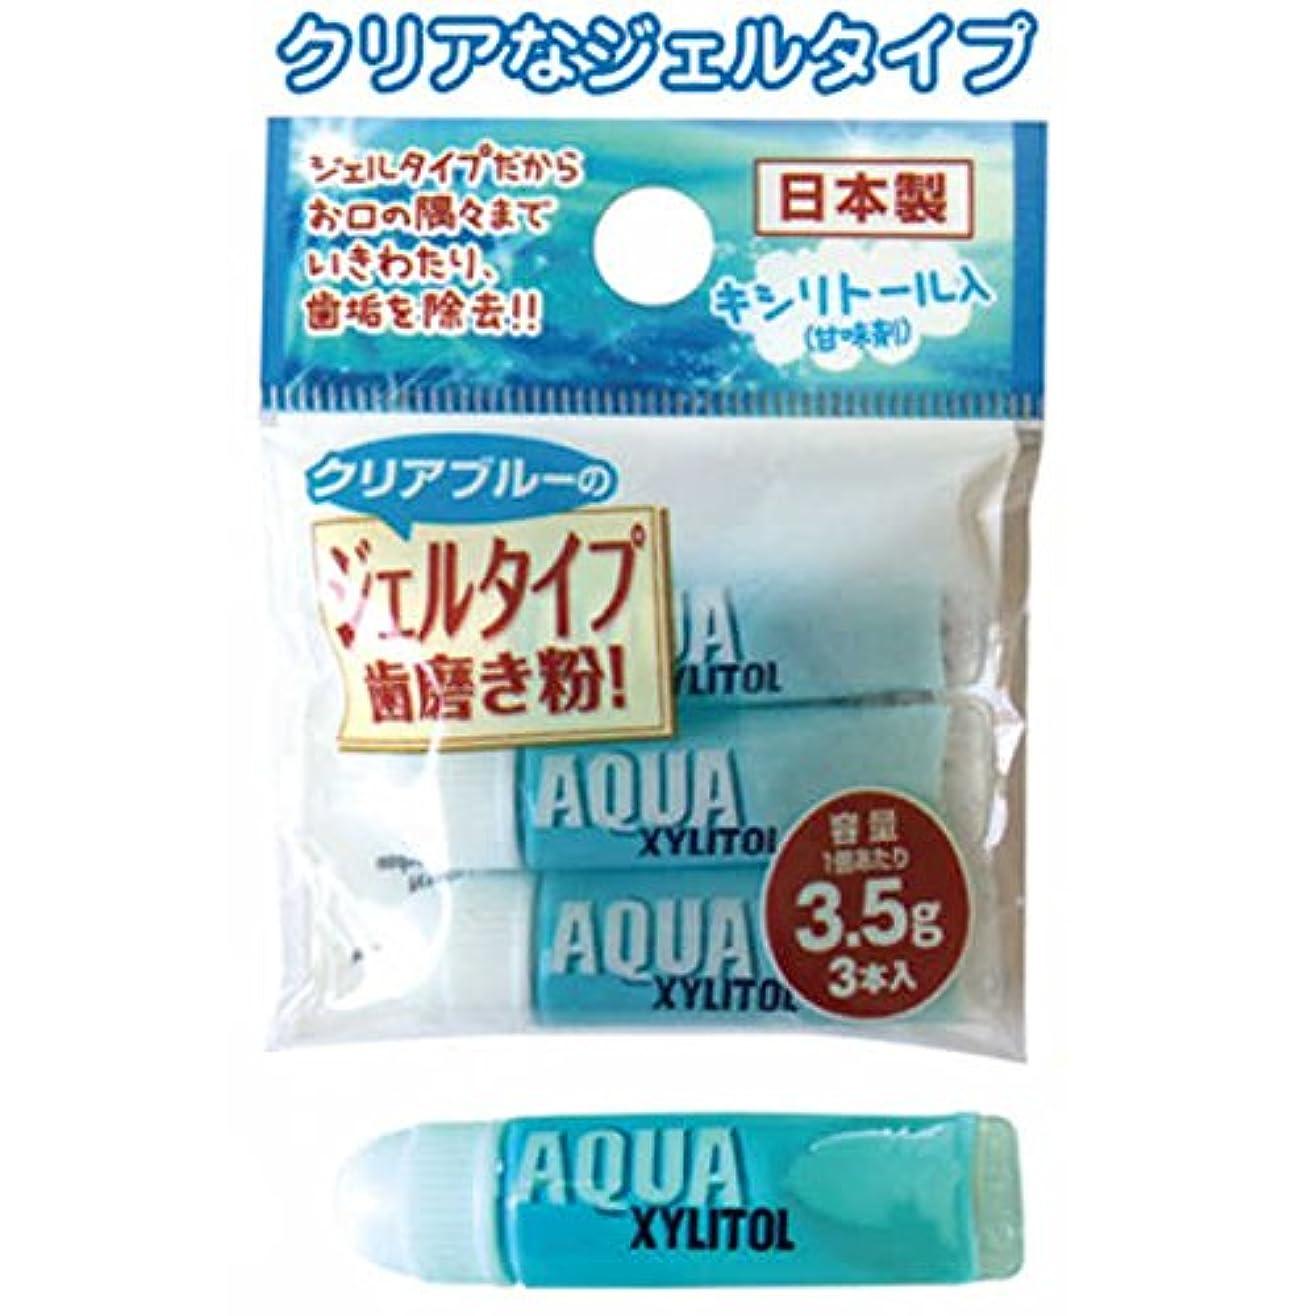 血色の良い冷凍庫ほうきデンタルジェル(3本入)日本製 japan 【まとめ買い12個セット】 41-083